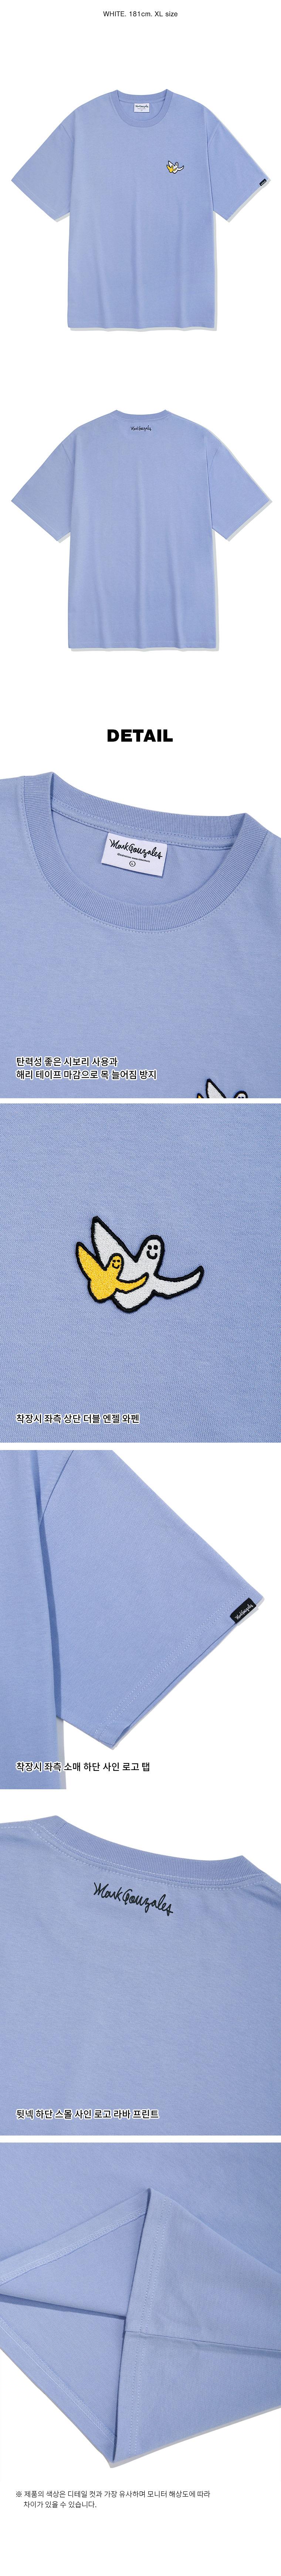 마크 곤잘레스(MARK GONZALES) 더블엔젤 와펜 반팔 티셔츠 라벤더